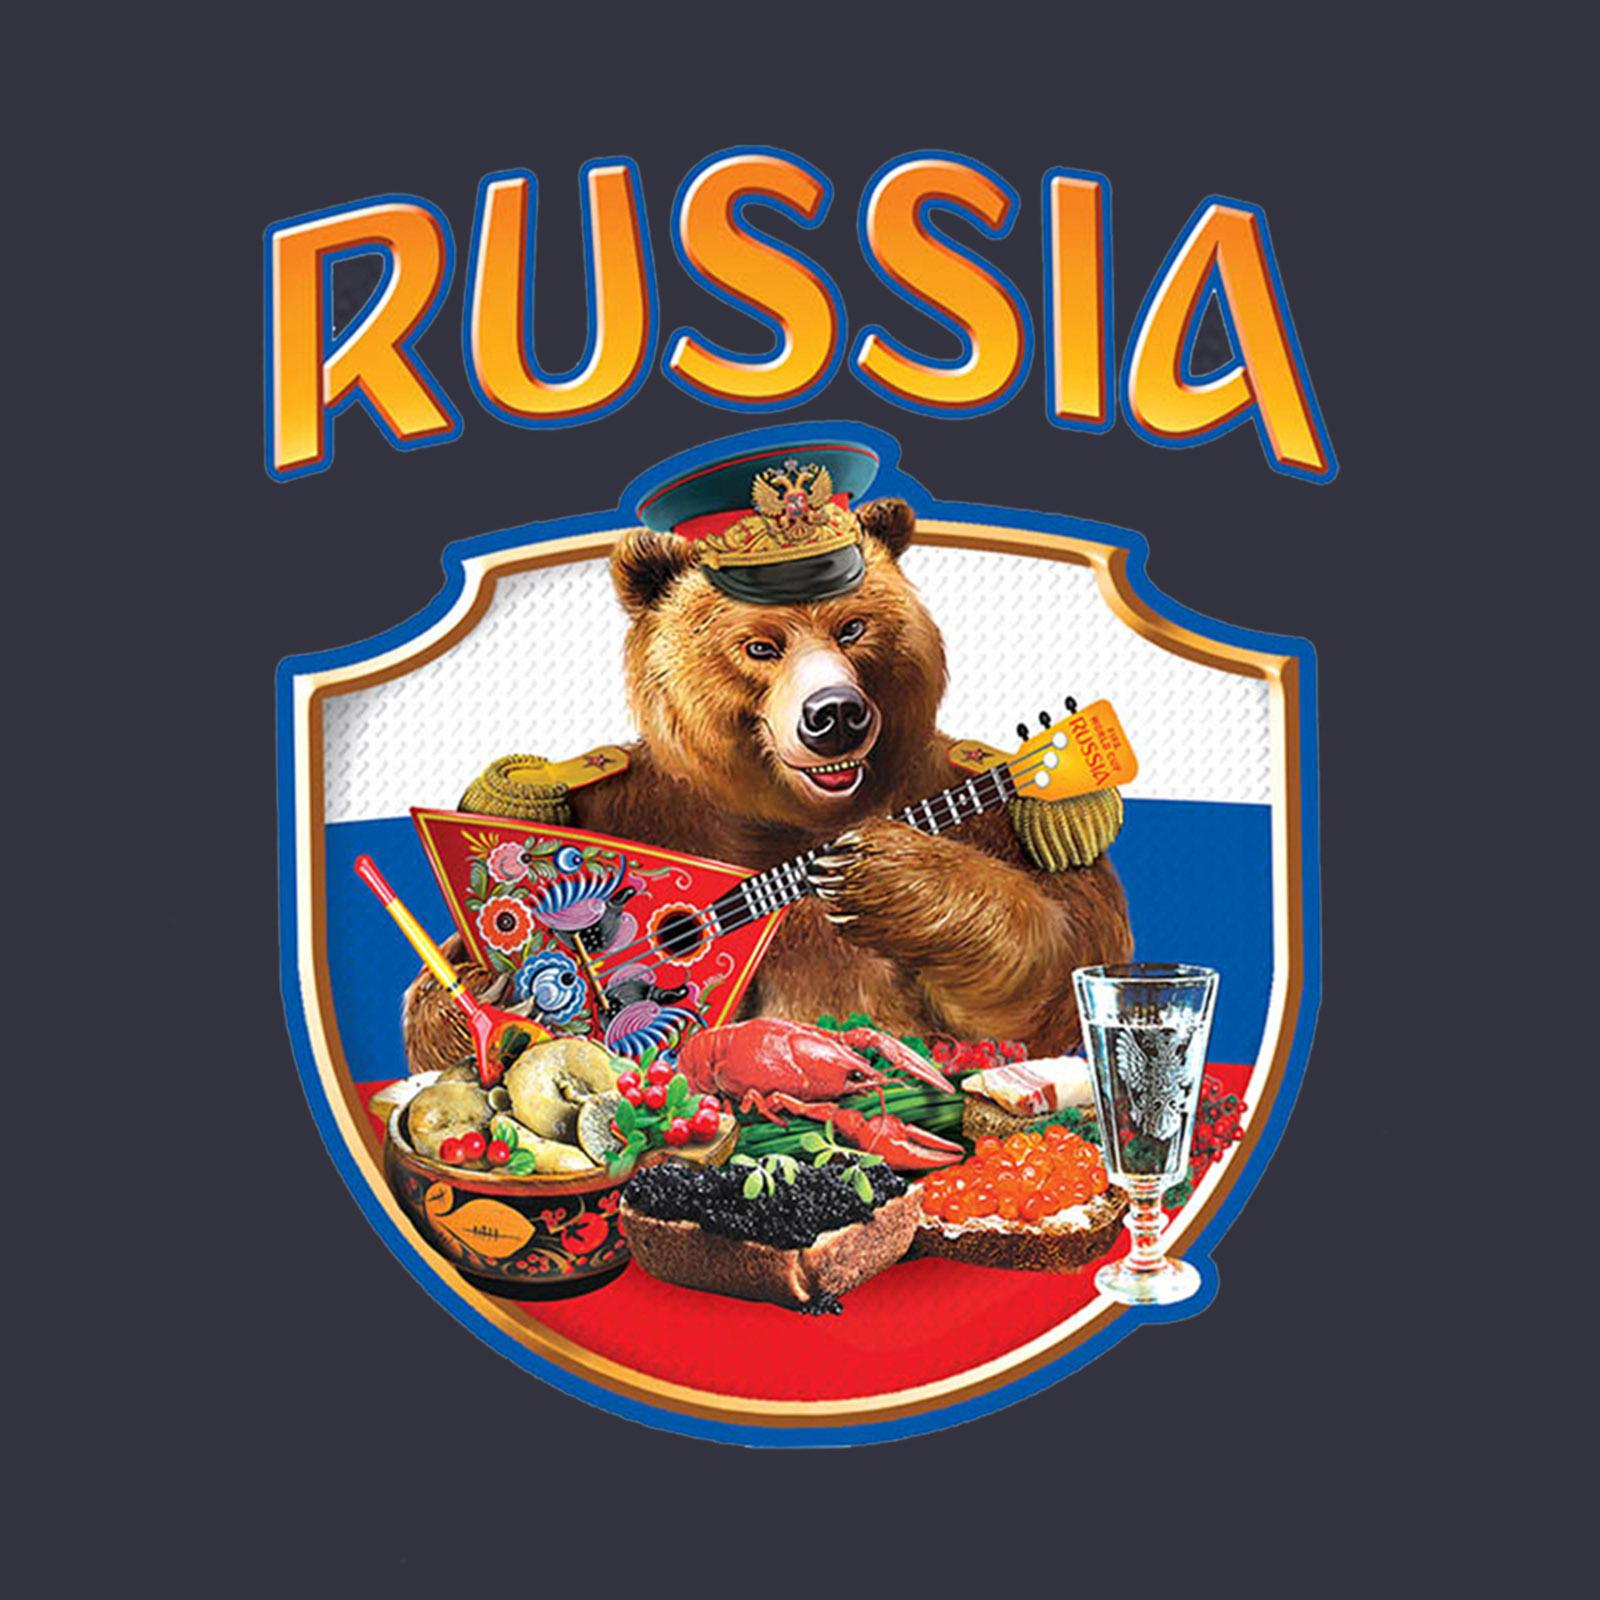 Купить лучшую темную бейсболку с термонаклейкой Russia с доставкой в ваш город